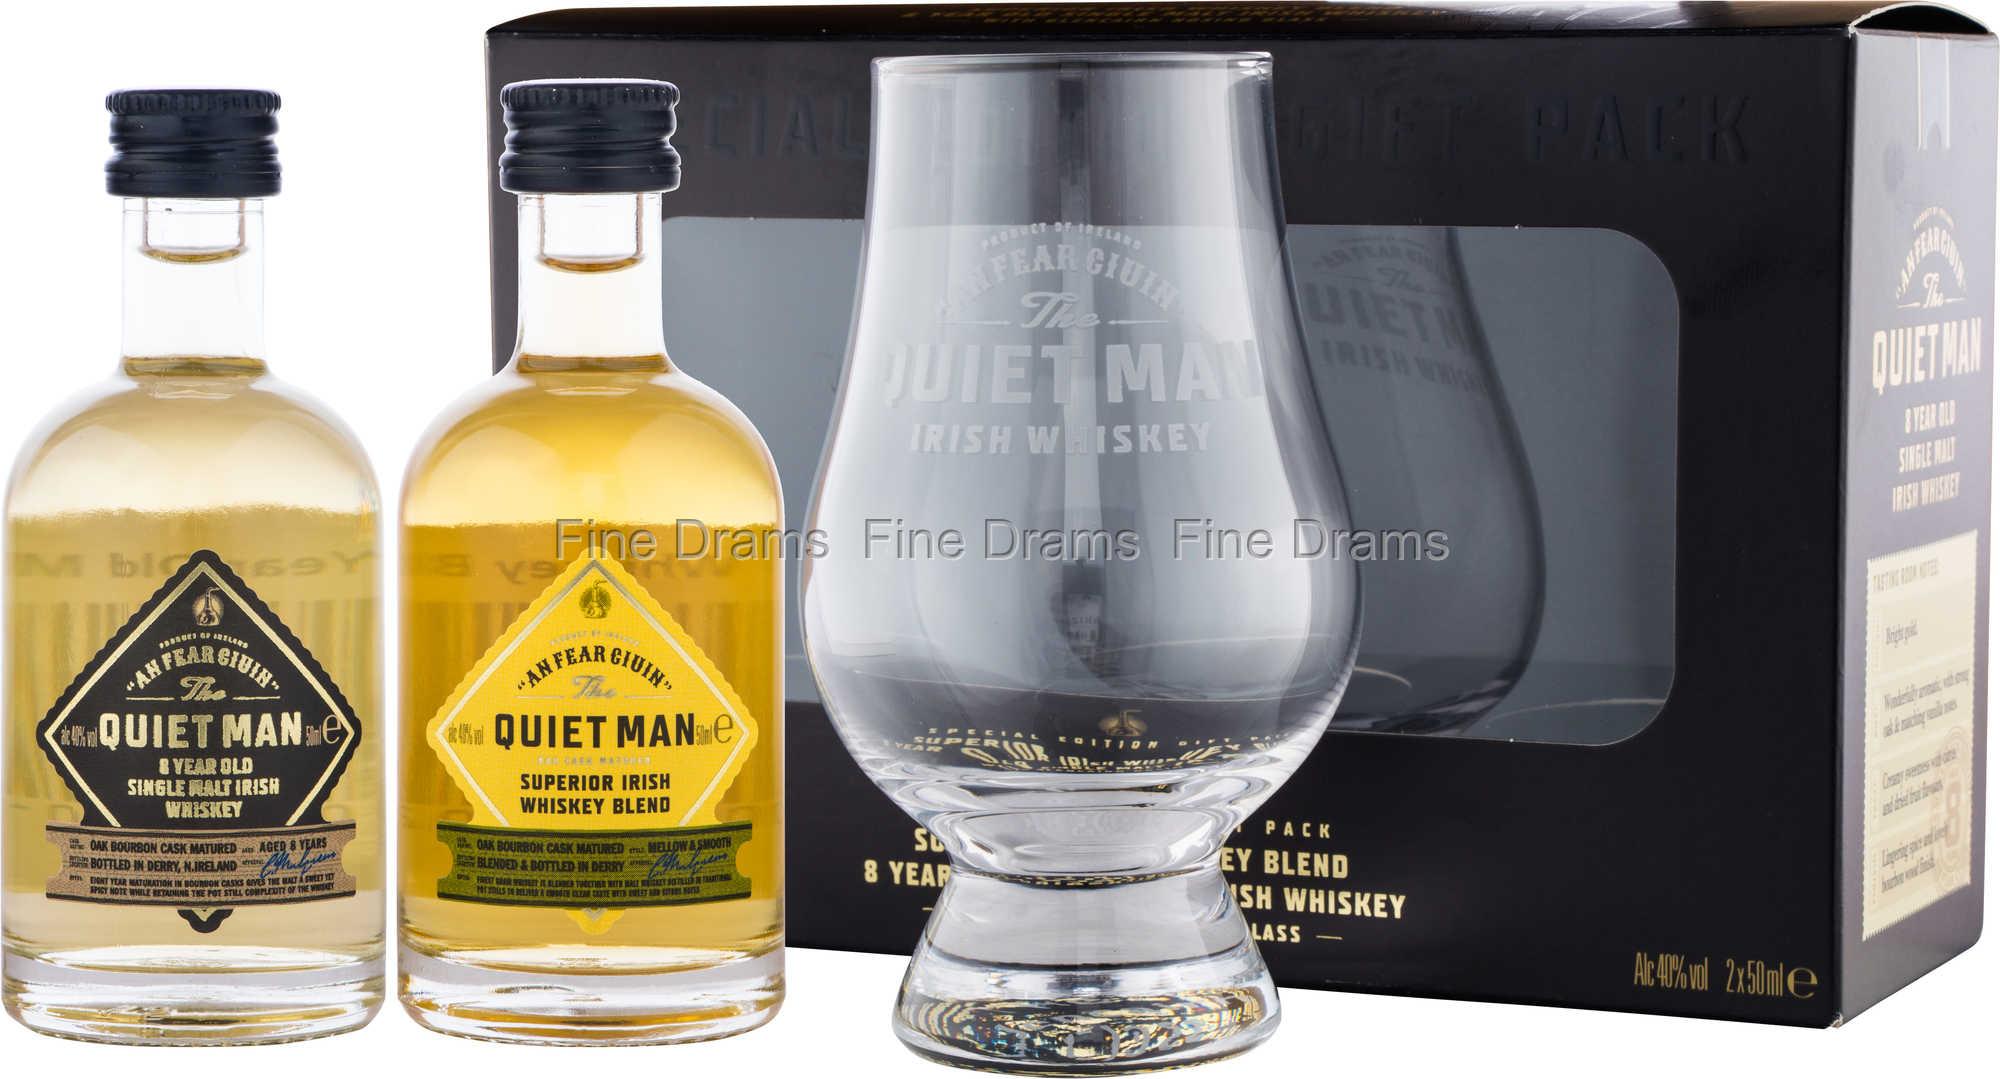 Quiet Man Glencairn Whisky Gift Pack